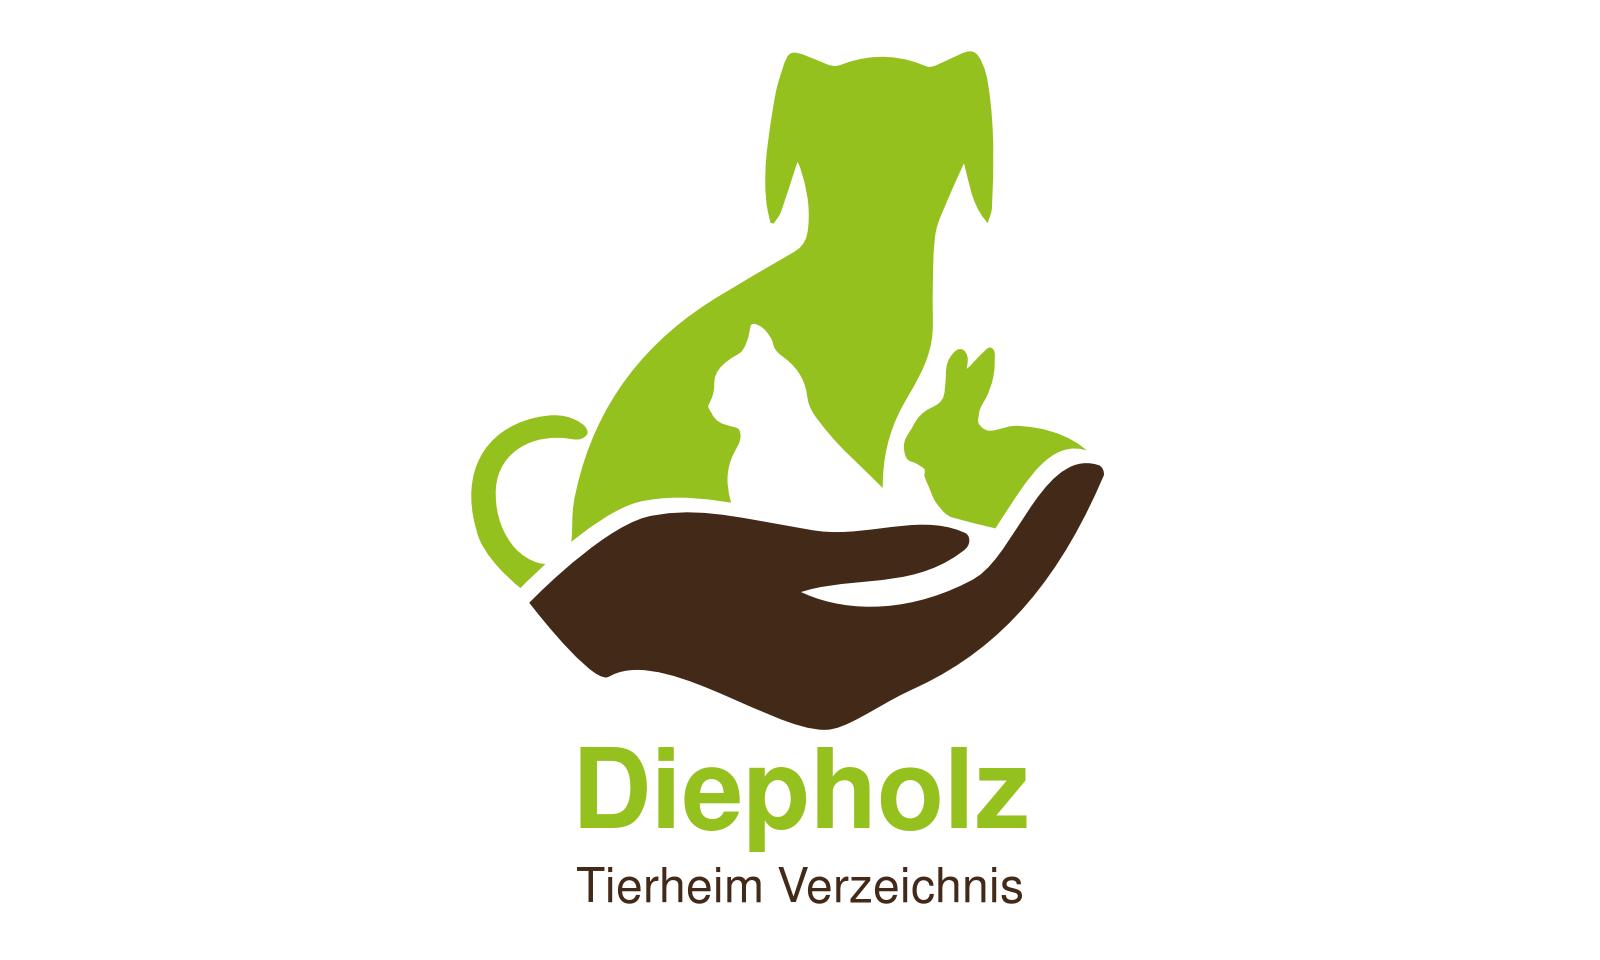 Tierheim Diepholz